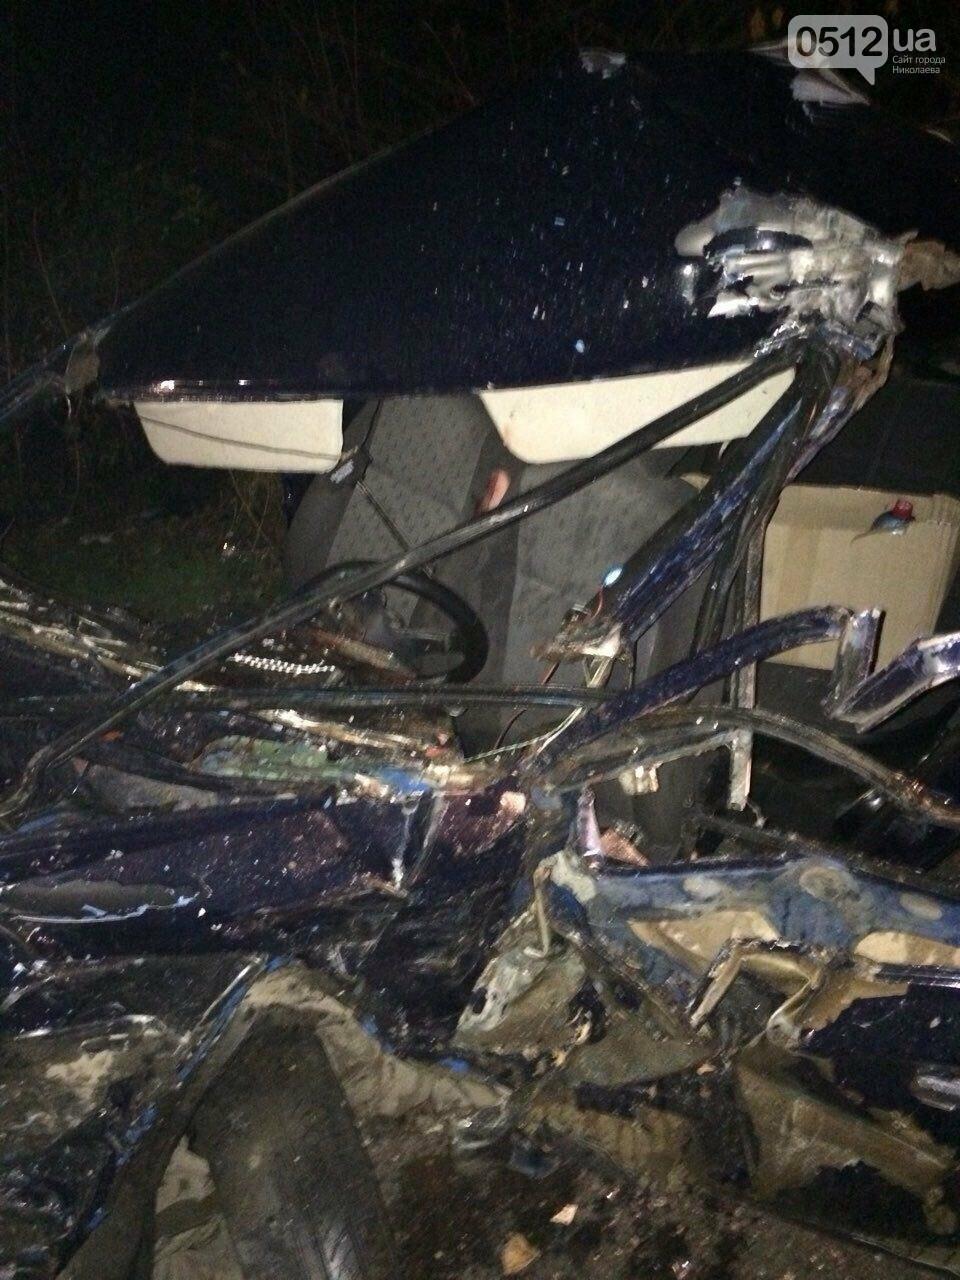 В Николаеве лоб в лоб столкнулись Mercedes и ВАЗ - есть пострадавшие (ФОТО), фото-1